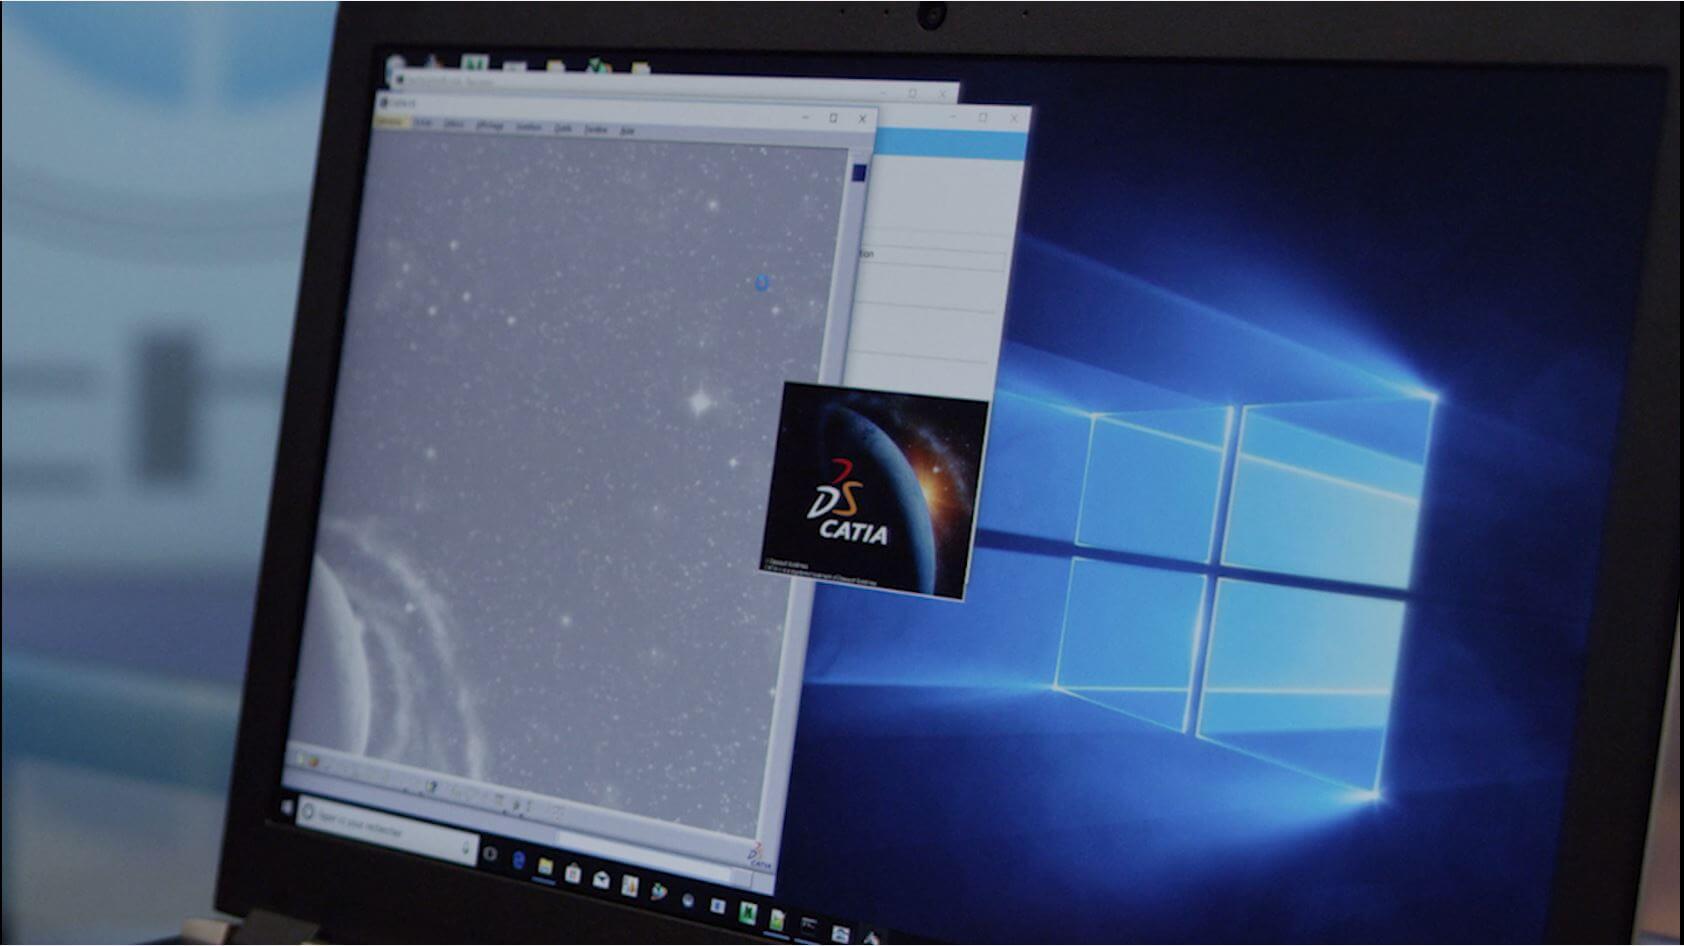 Start Catia V5 with TechViz virtual reality software